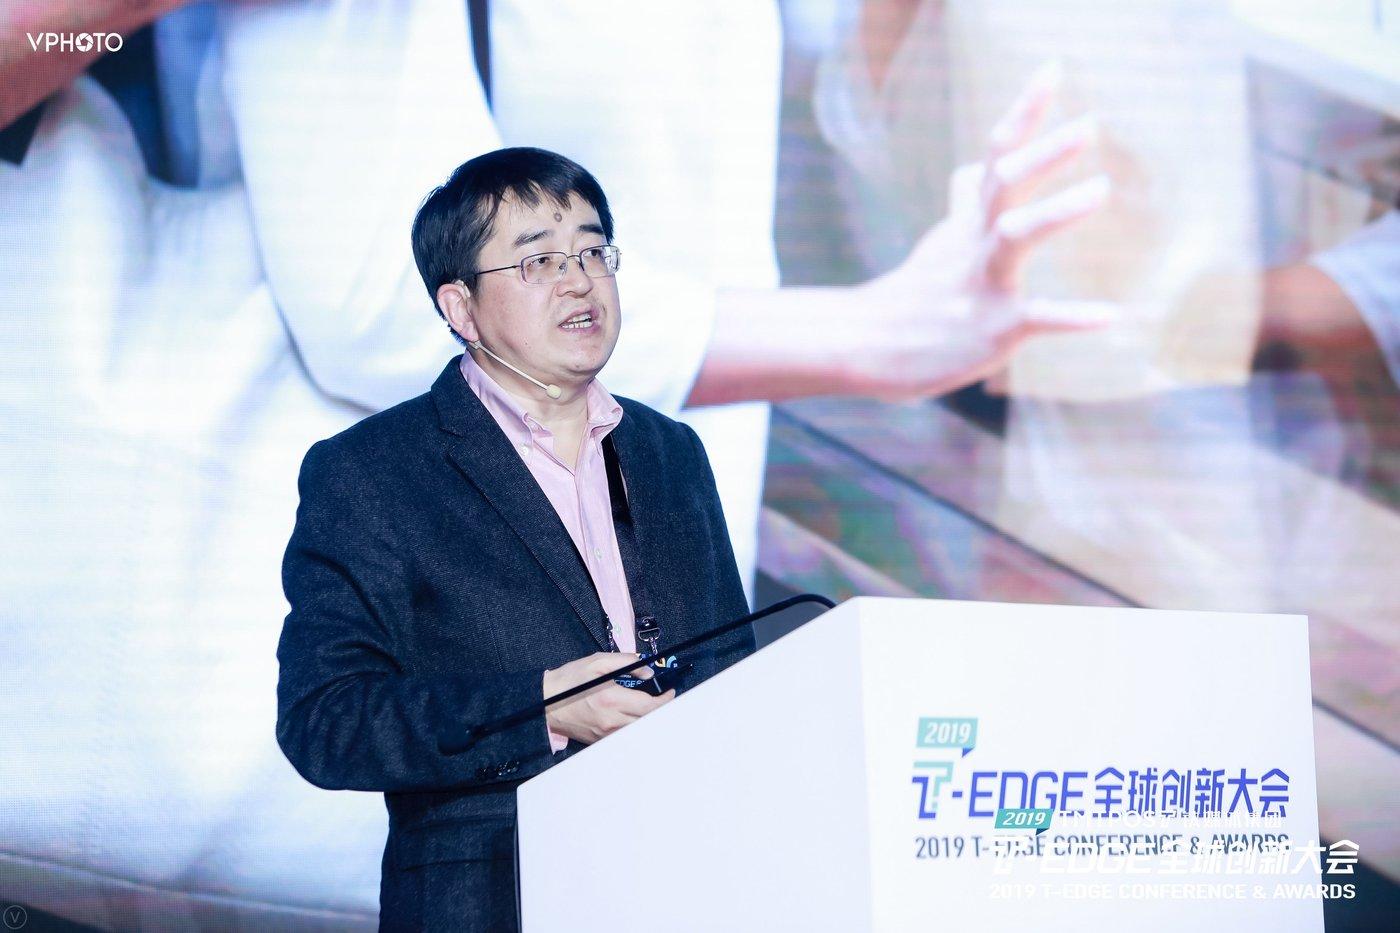 中国香料香精专家王茁:能抵住这波外资品牌攻势,就有望成为中国的欧莱雅